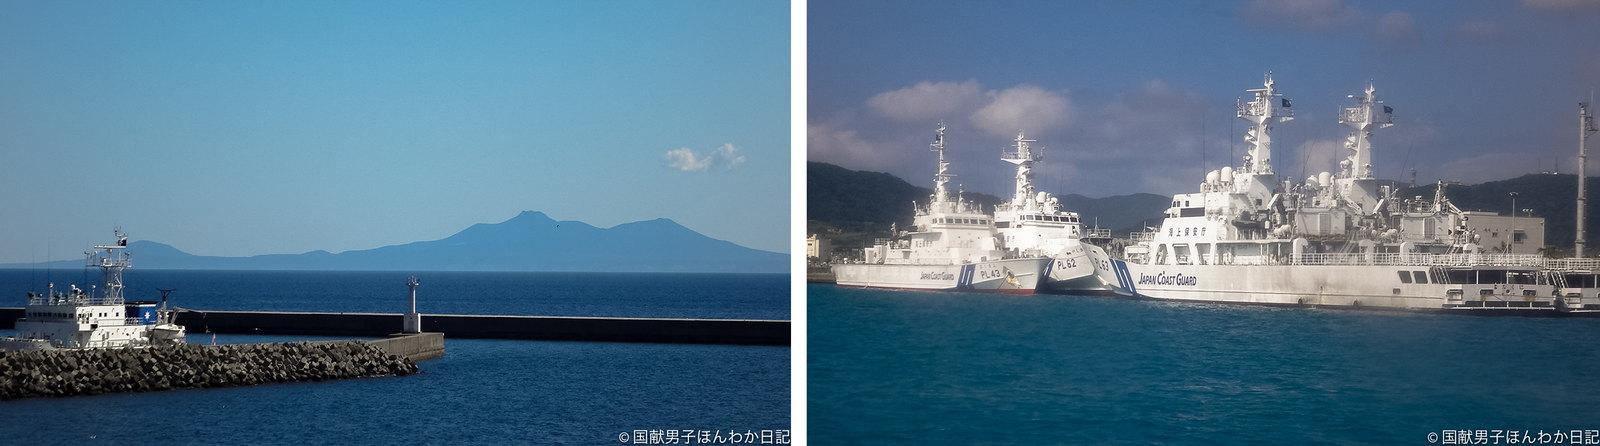 羅臼港から望む北方四島のひとつ国後島・尖閣諸島領海警備で待機する巡視船(撮影:筆者)